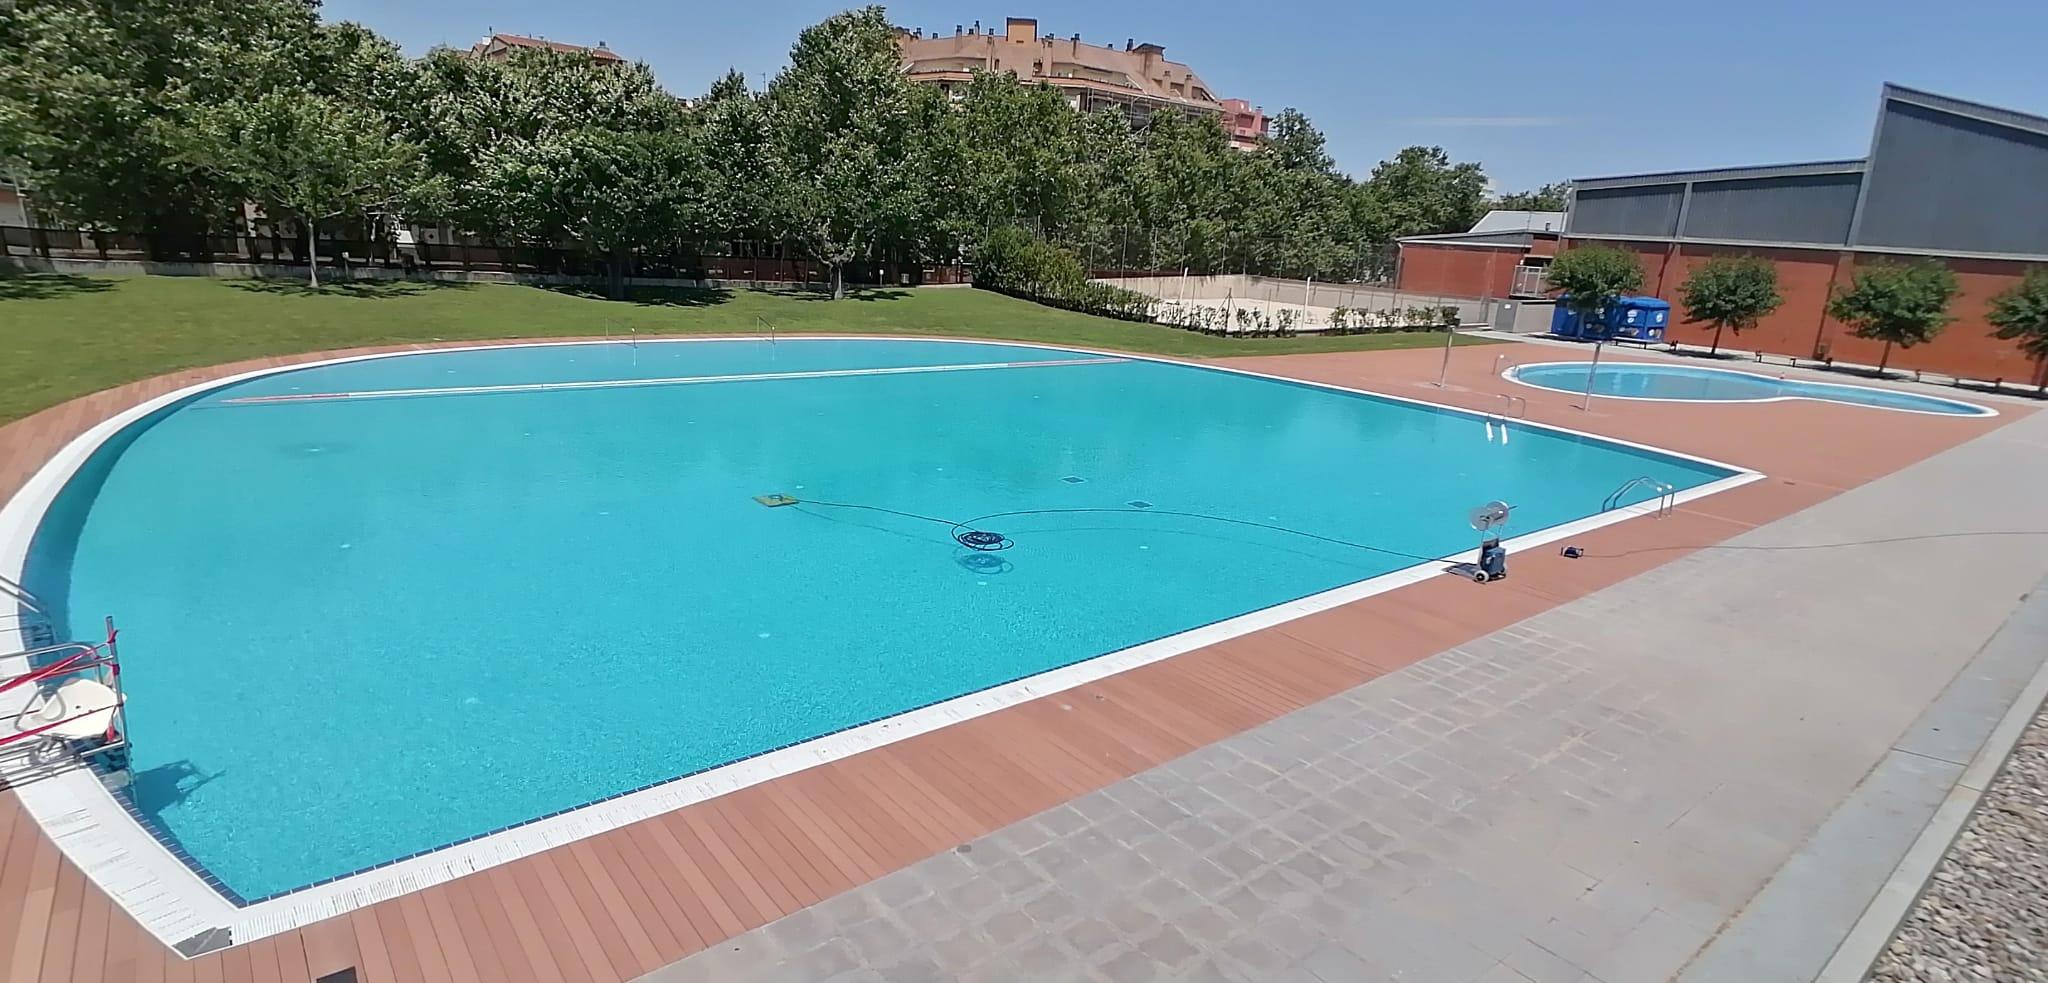 La piscina municipal d'estiu de Salt obre aquest dilluns 29 de juny